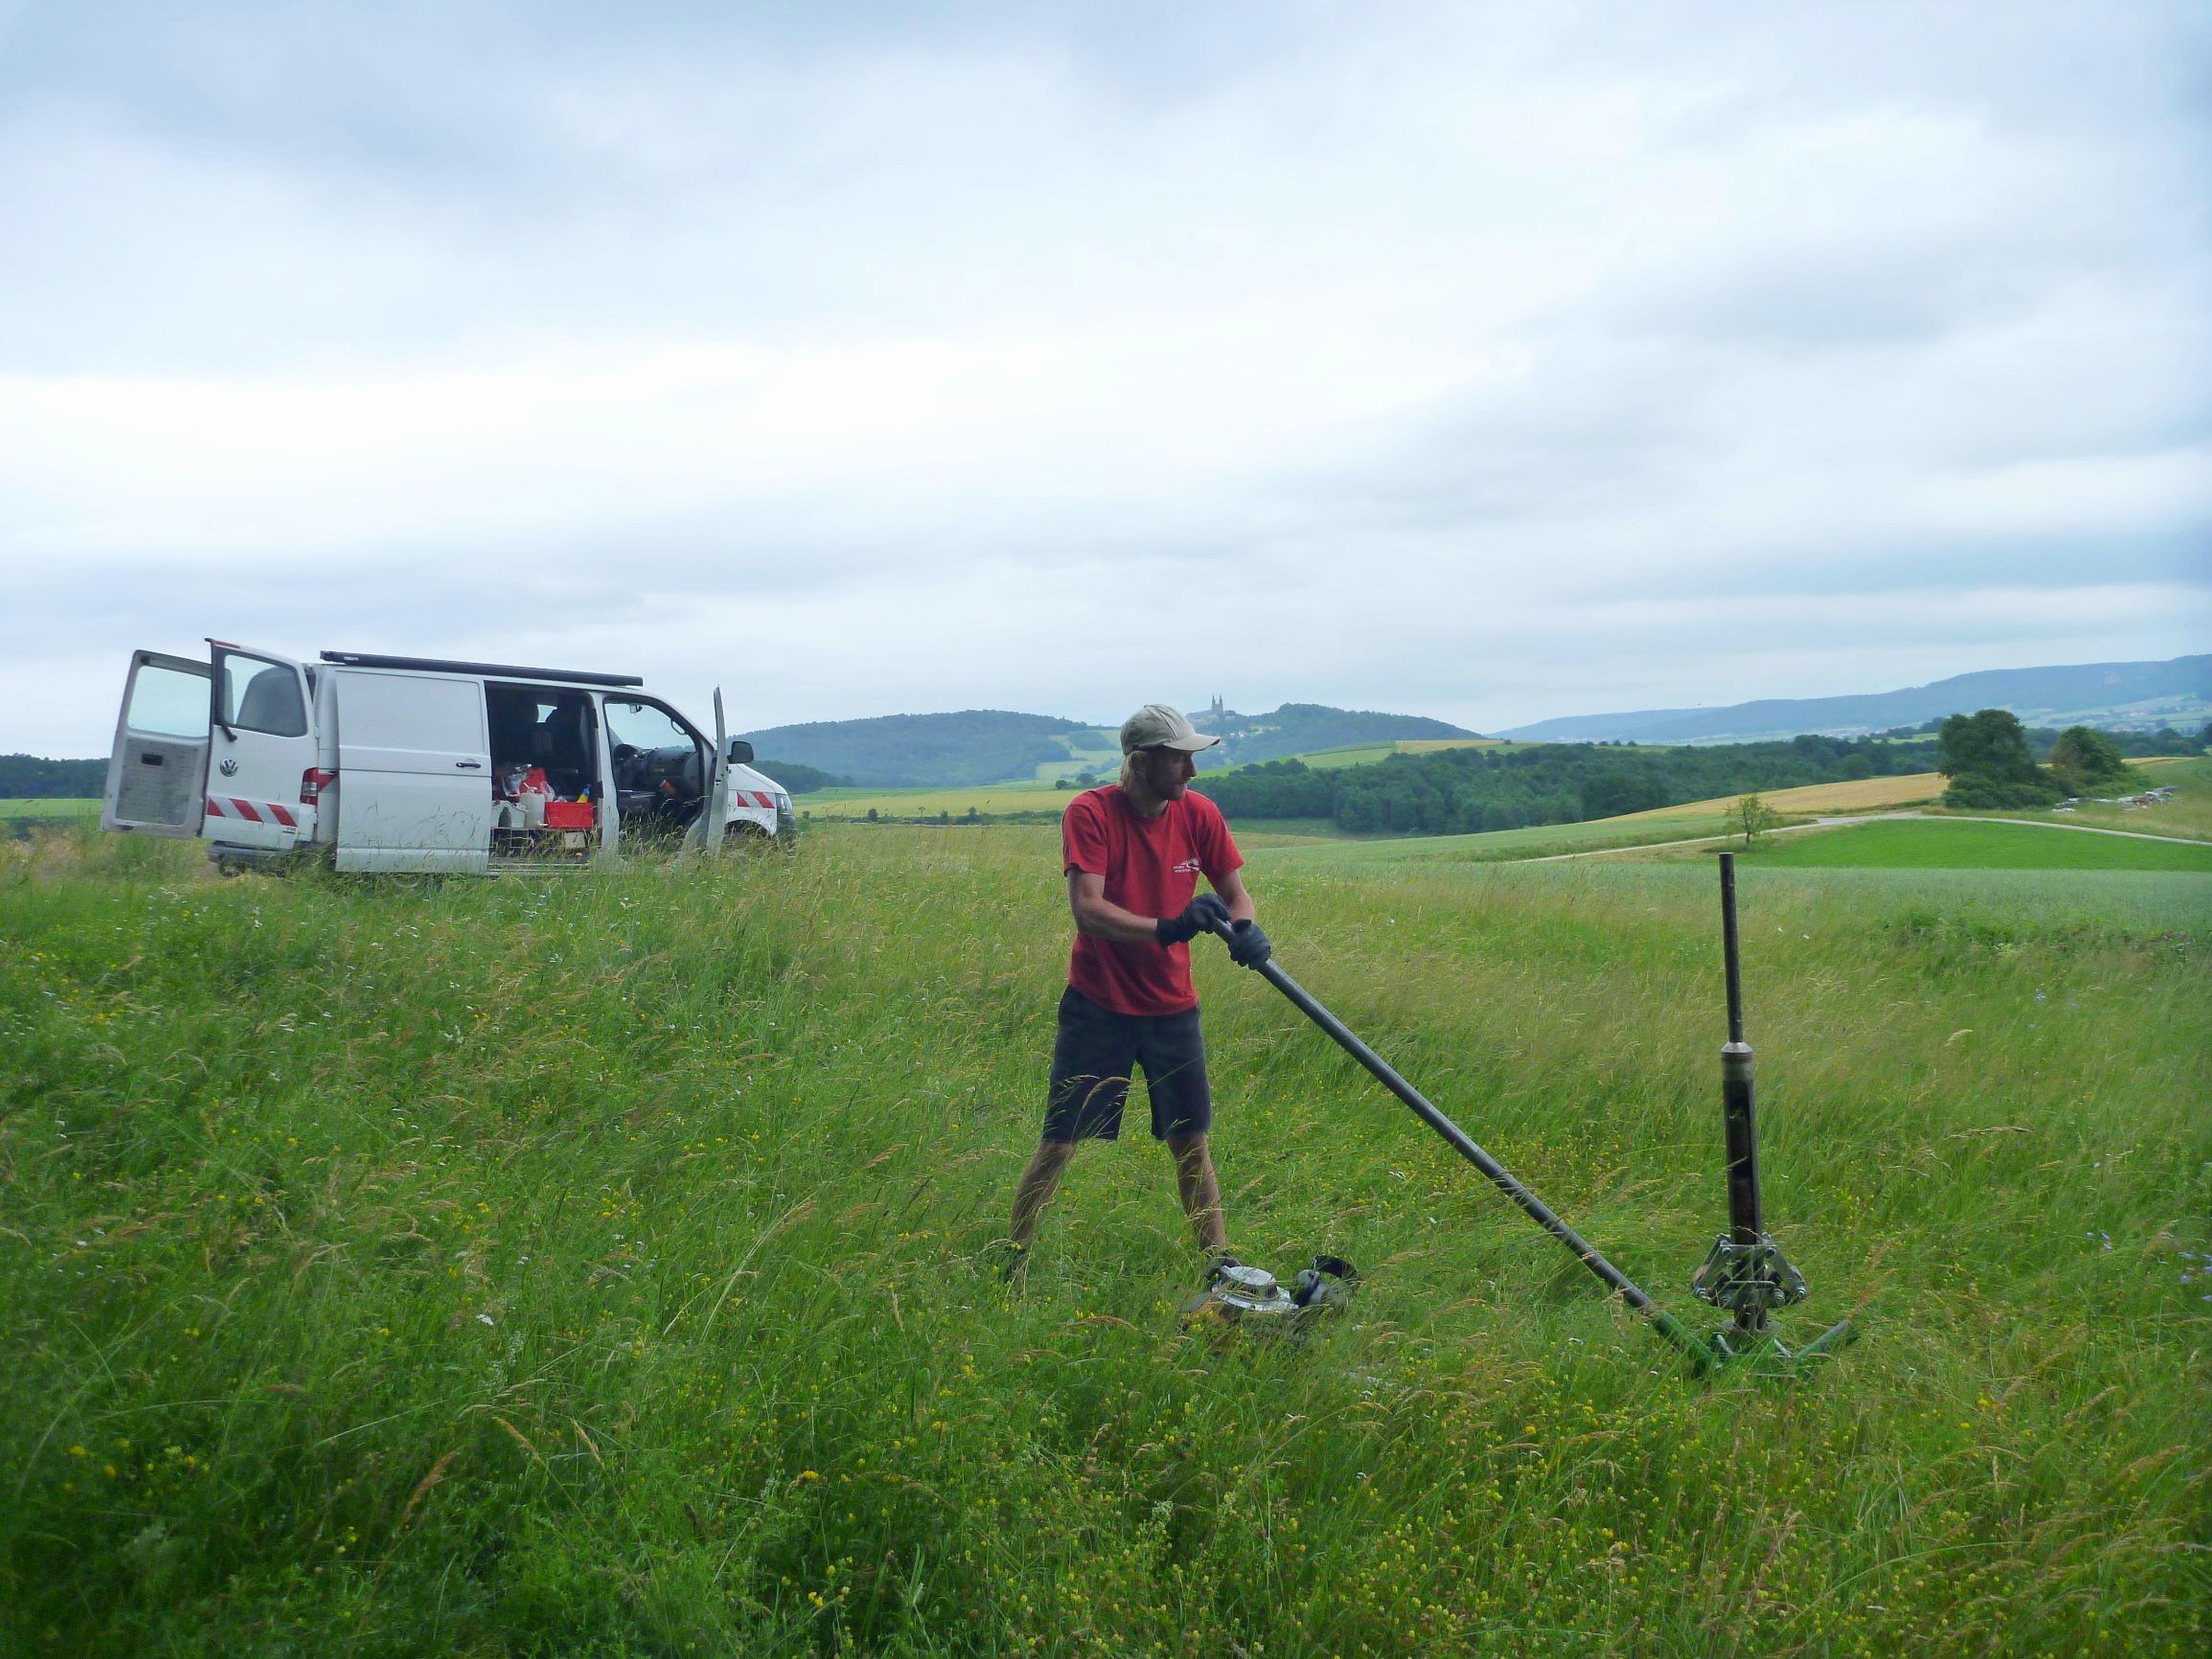 Das Pilotprojekt Bodenuntersuchungen im Landkreis Lichtenfels wird fortgesetzt. Foto Bayerisches Landesamt für Umwelt